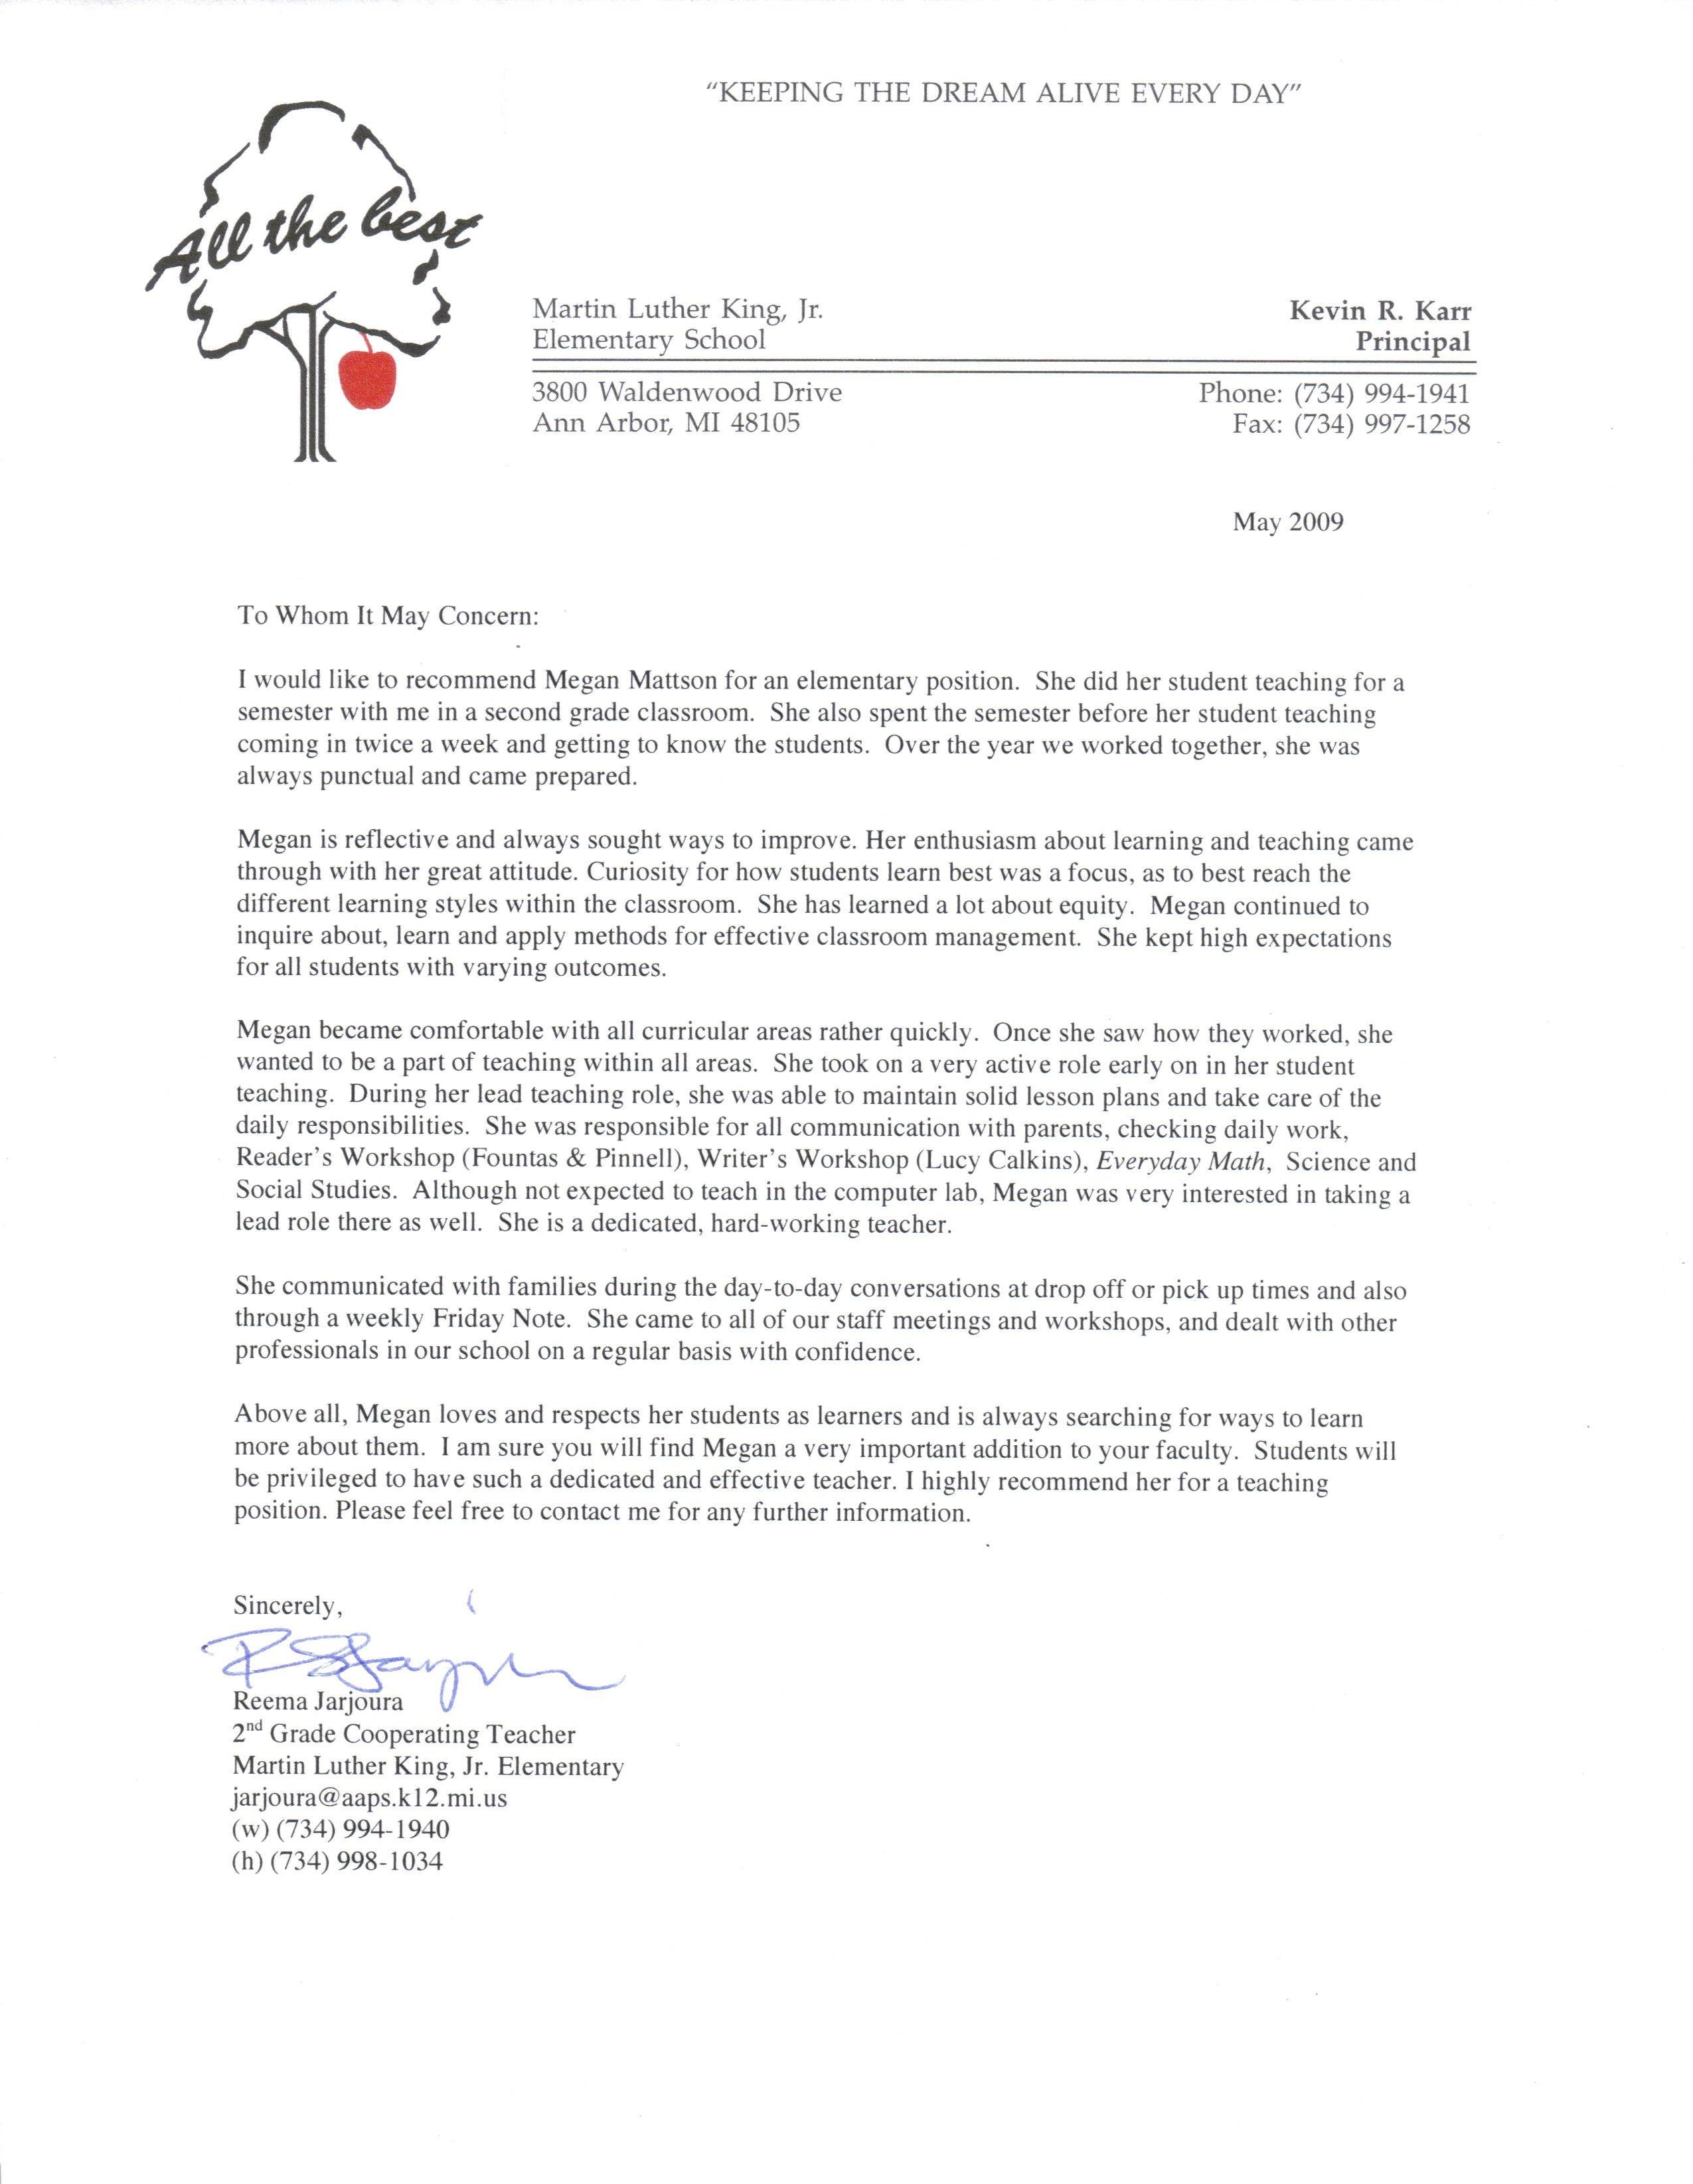 Letter Sample For Teacher From Student